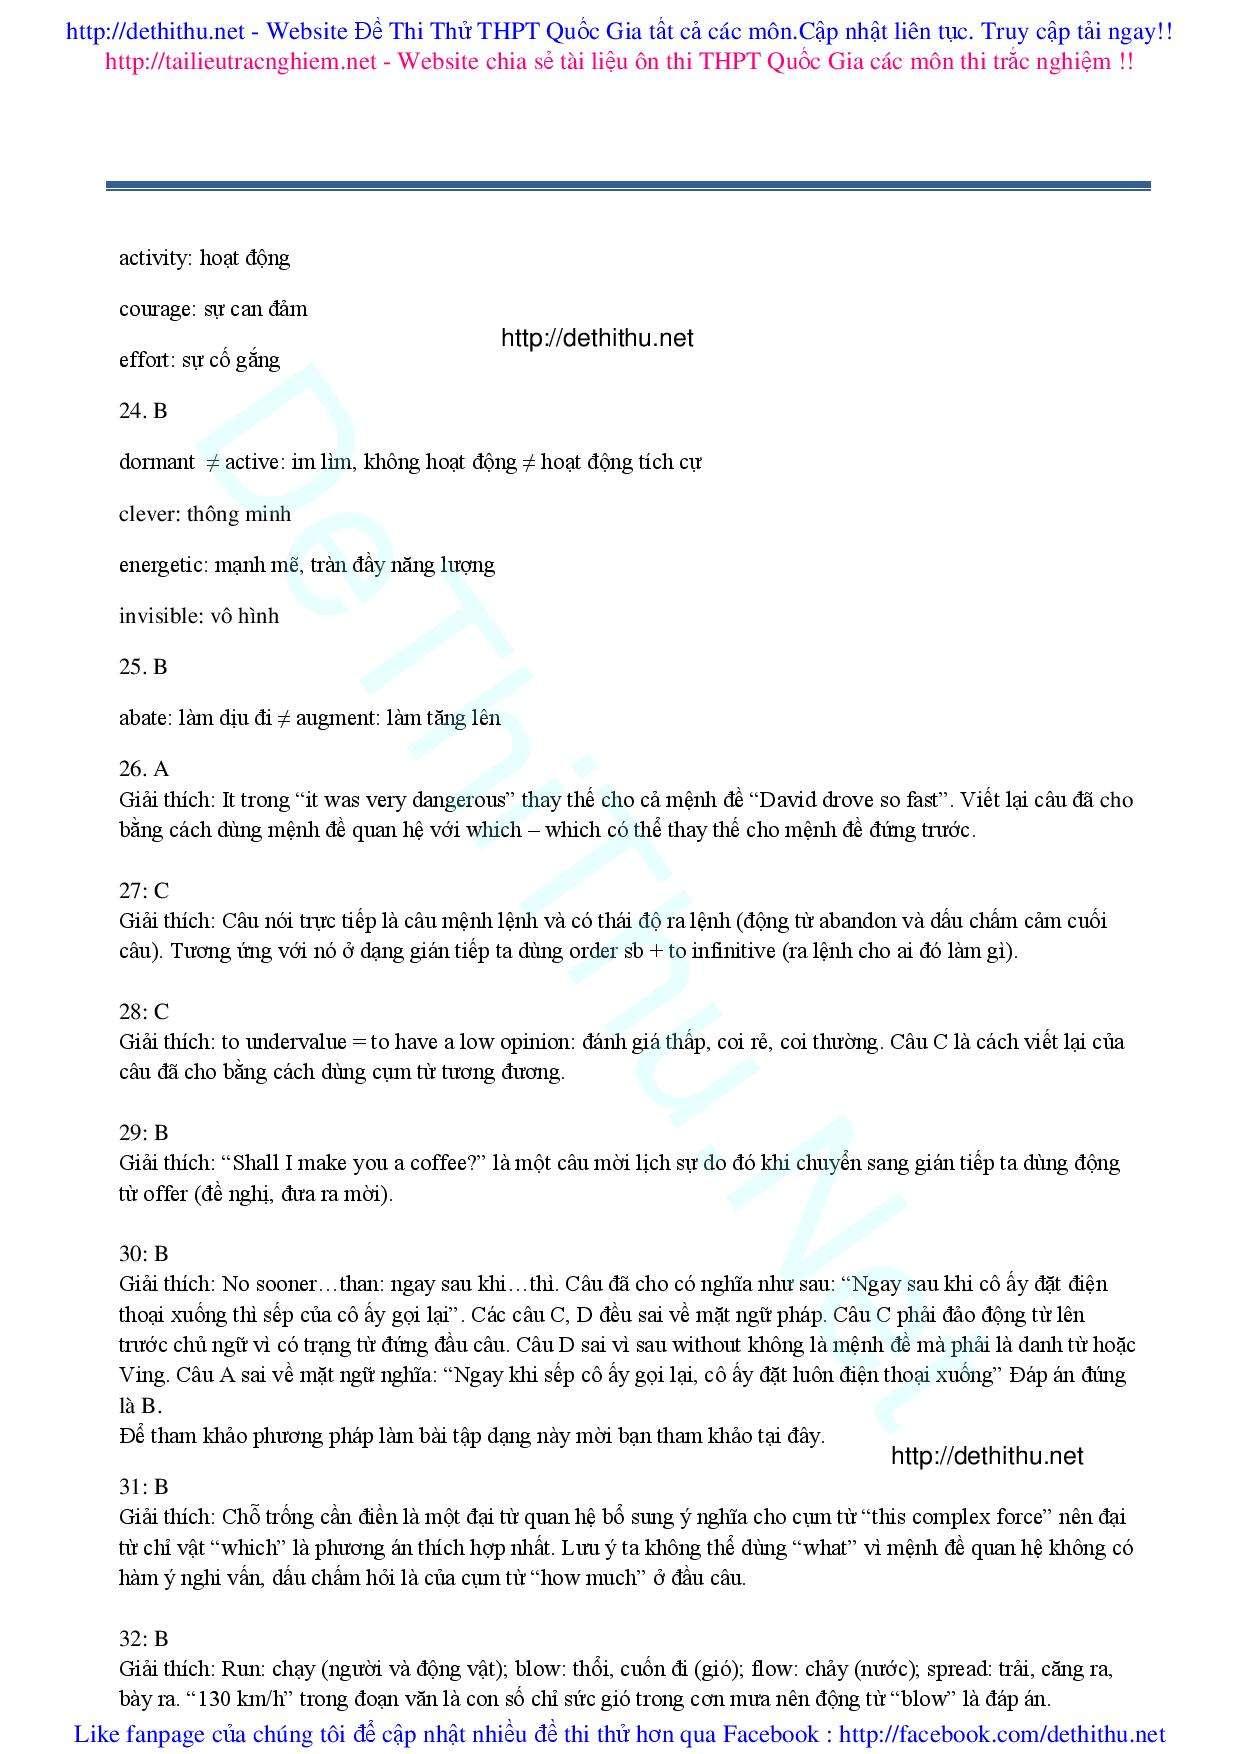 Đề thi thử tiếng Anh 2017 đáp án giải chi tiết số 14 cô Phan Điệu